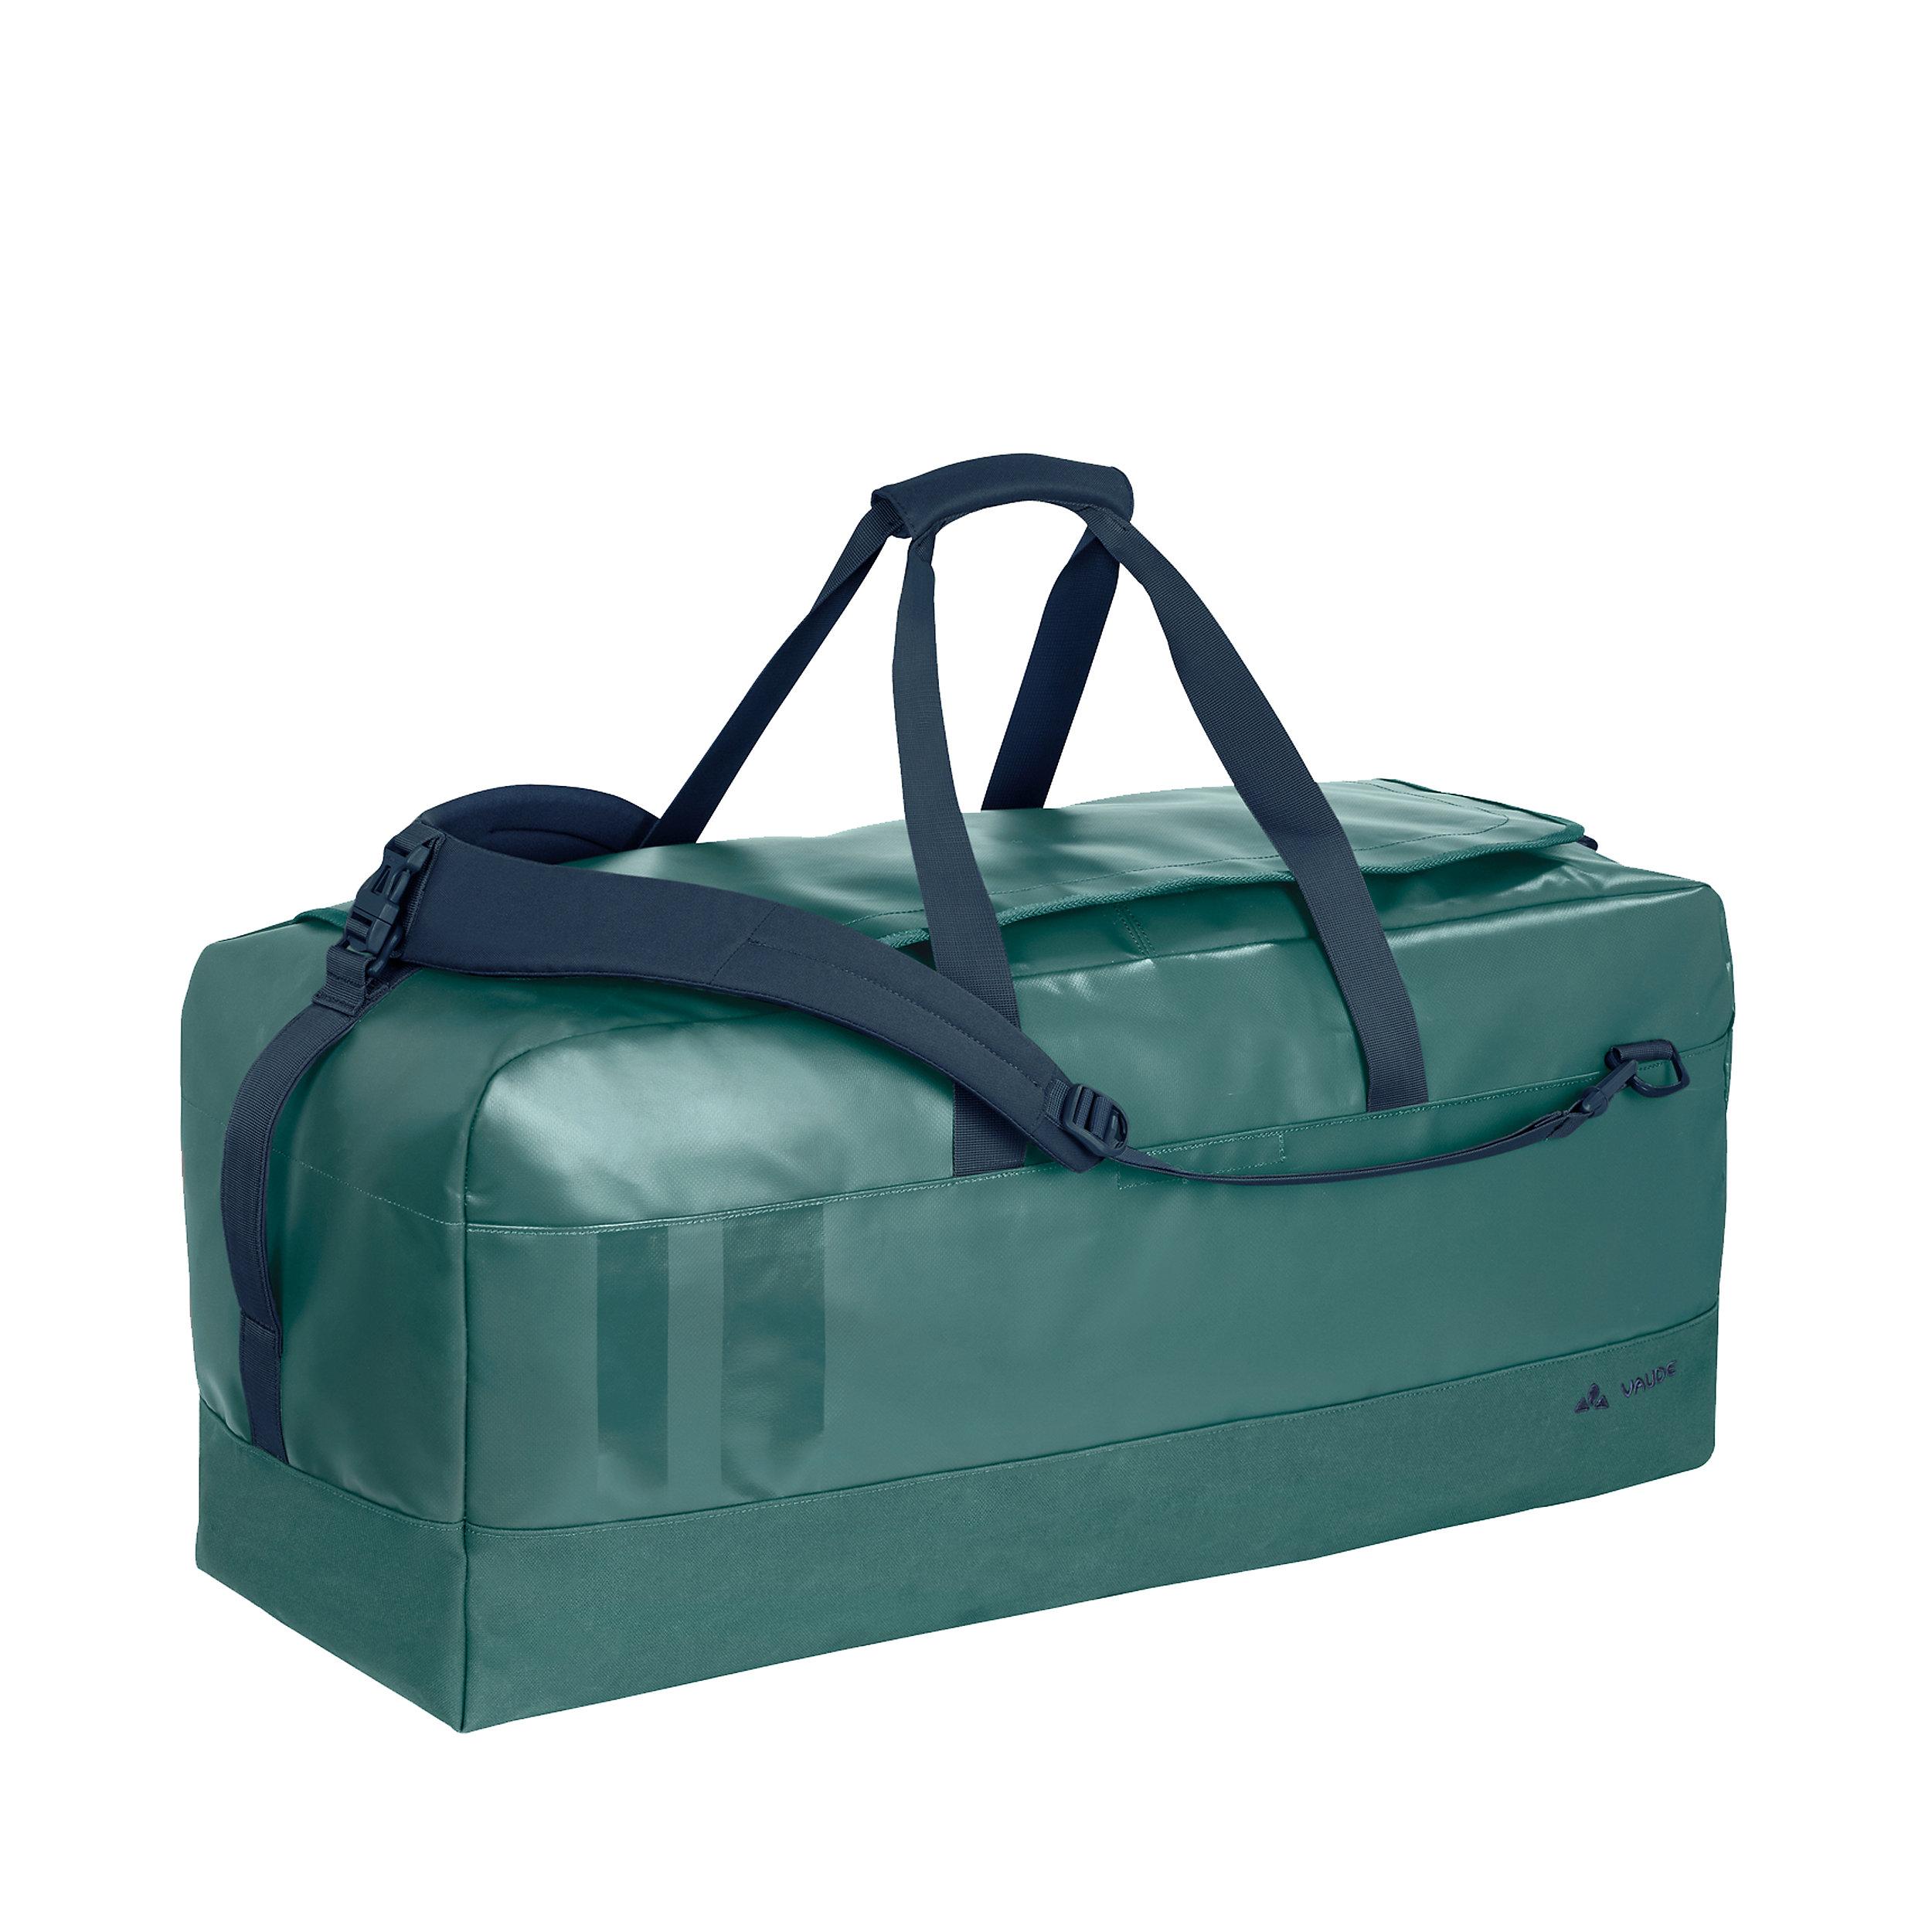 Sport-/Reisetasche Desna 60 Wash Off 3.0 65 Liter